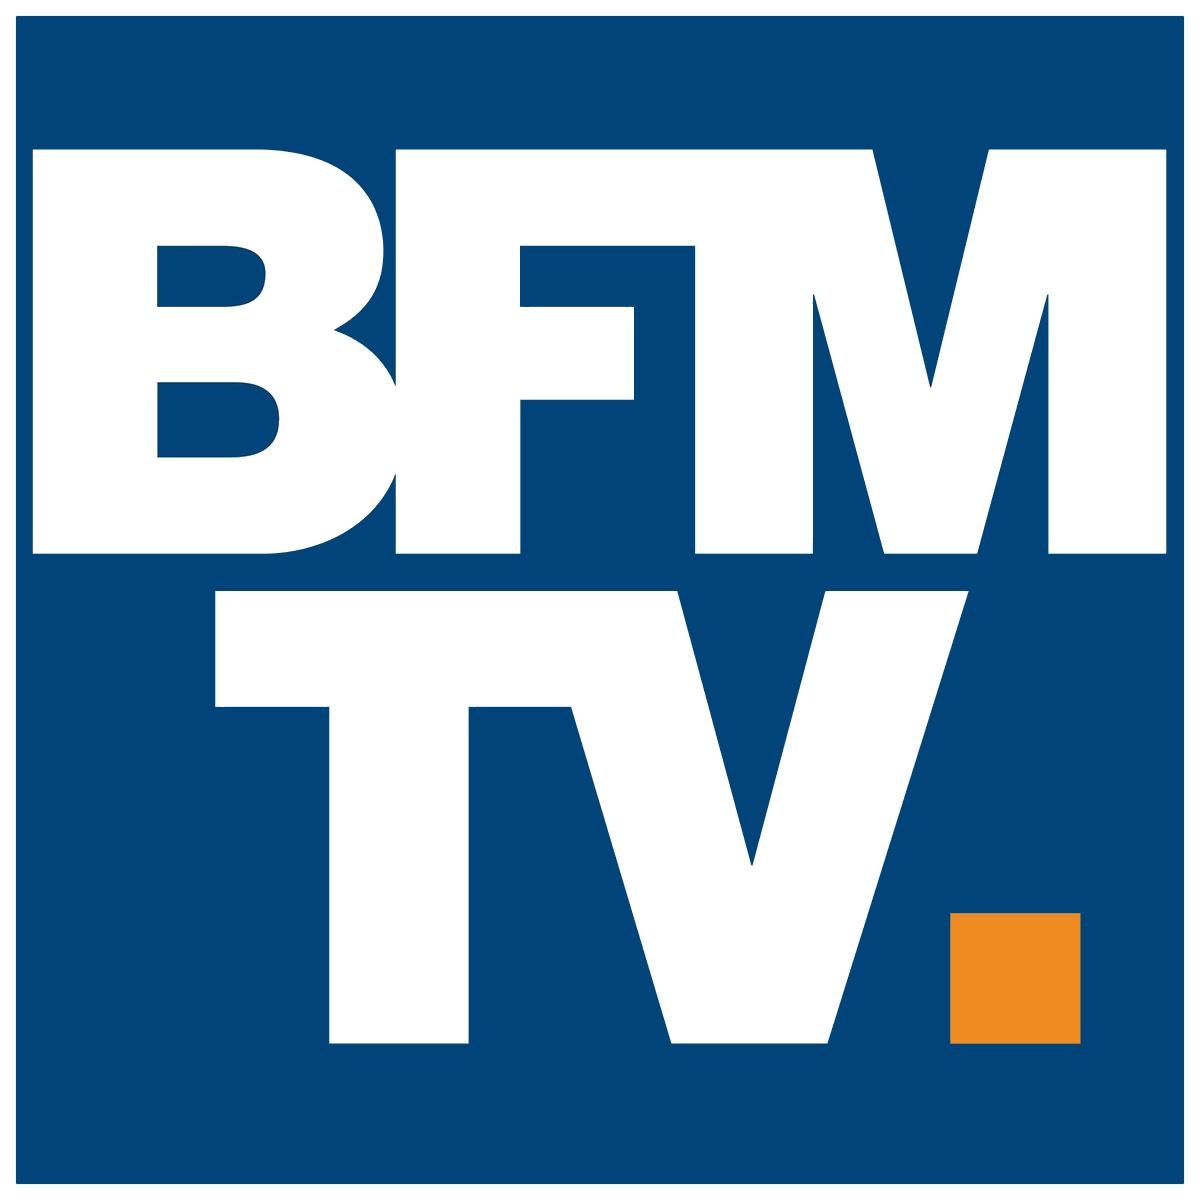 Communiquer avec BFM TV par téléphone